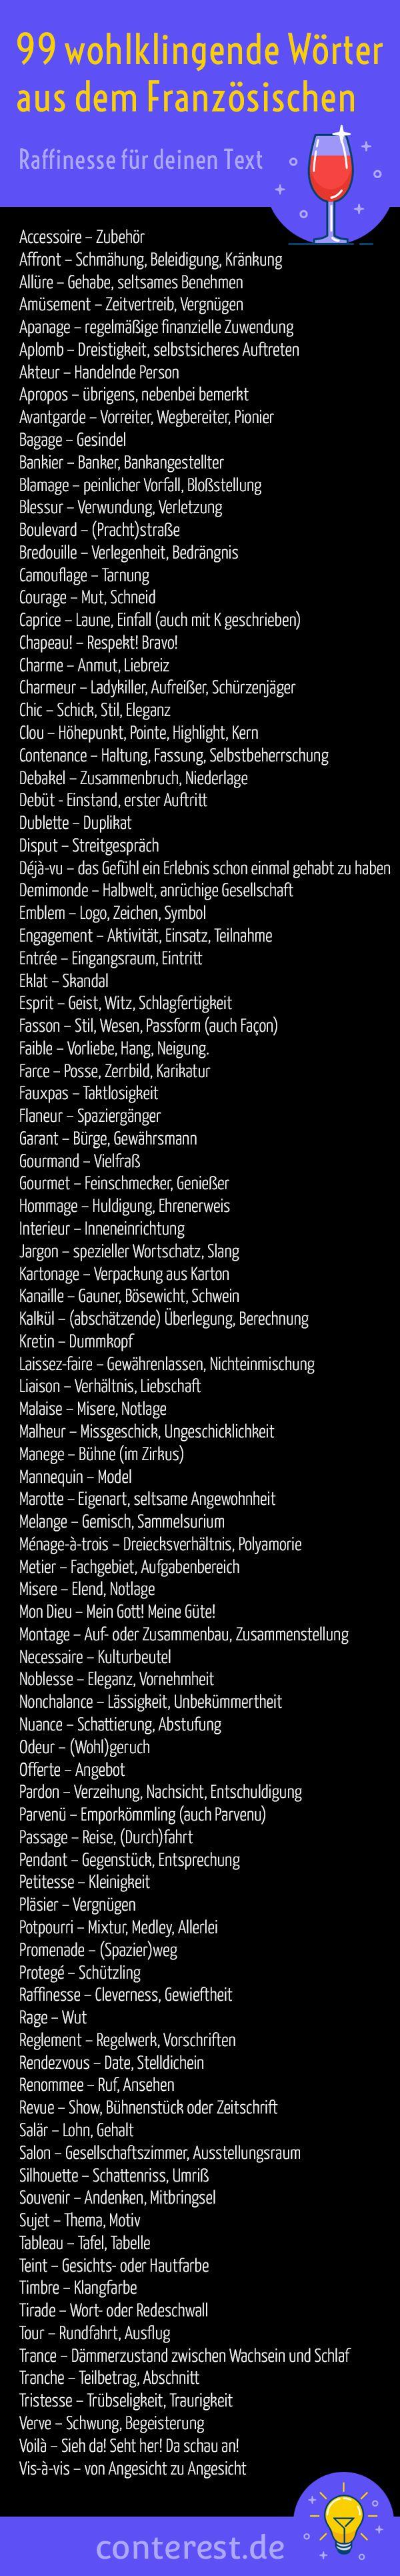 Französische Worte Im Deutschen